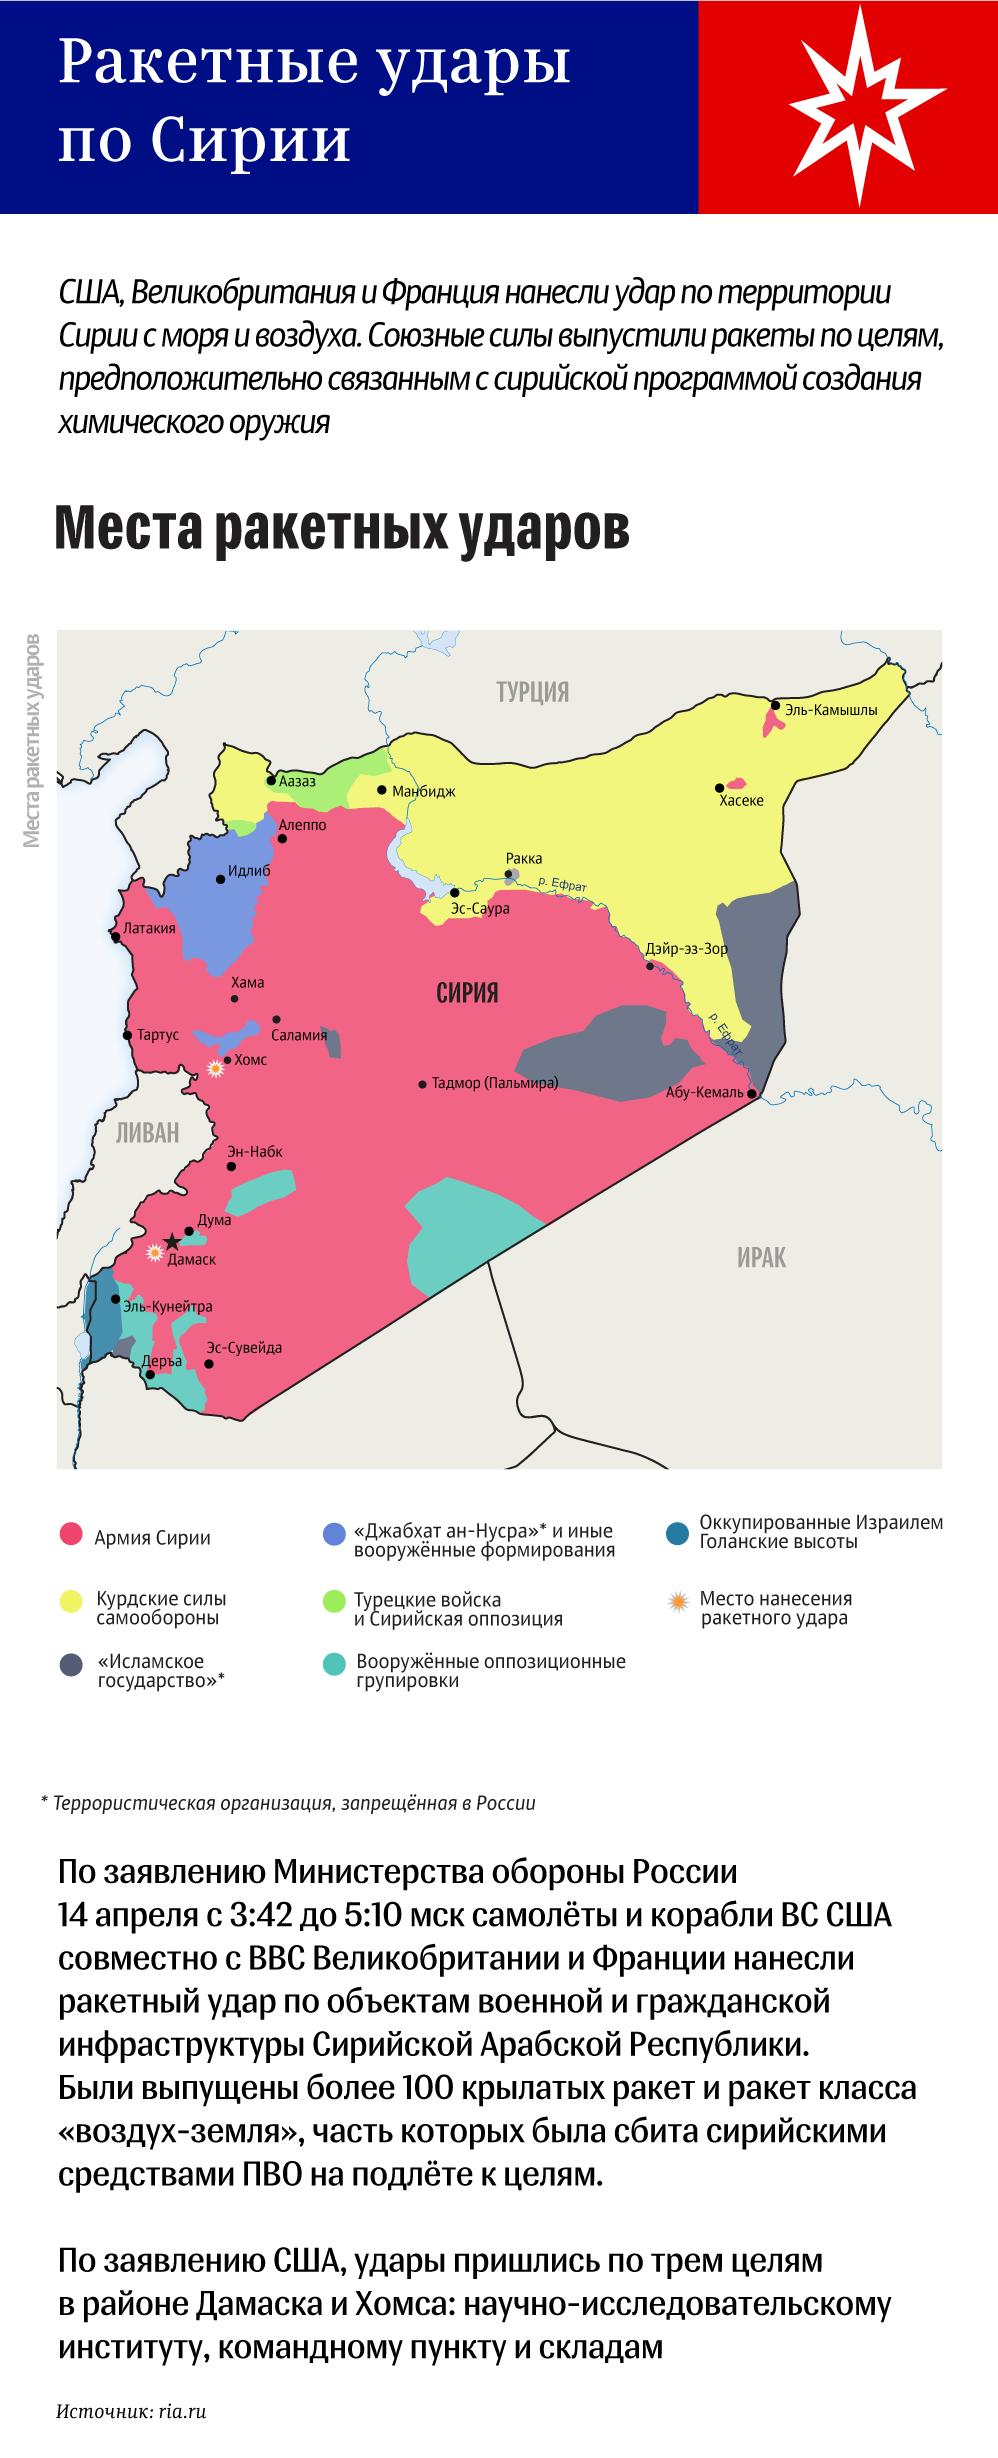 Ракетные удары по Сирии